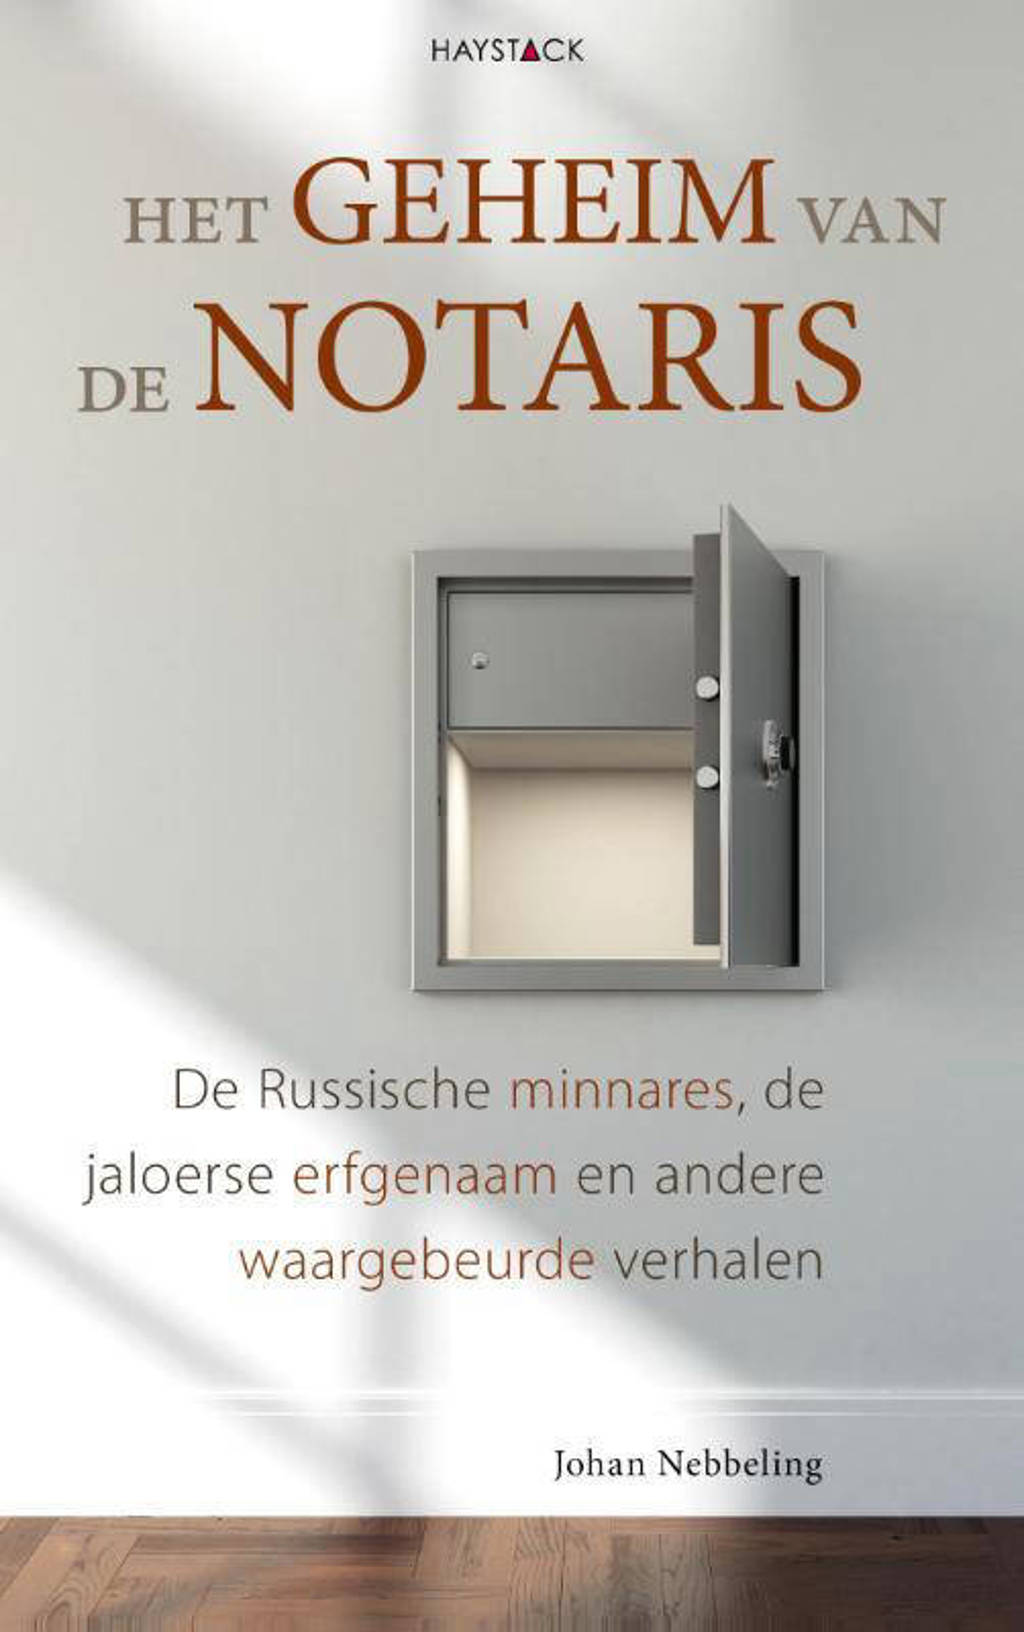 Het geheim van de notaris - Johan Nebbeling